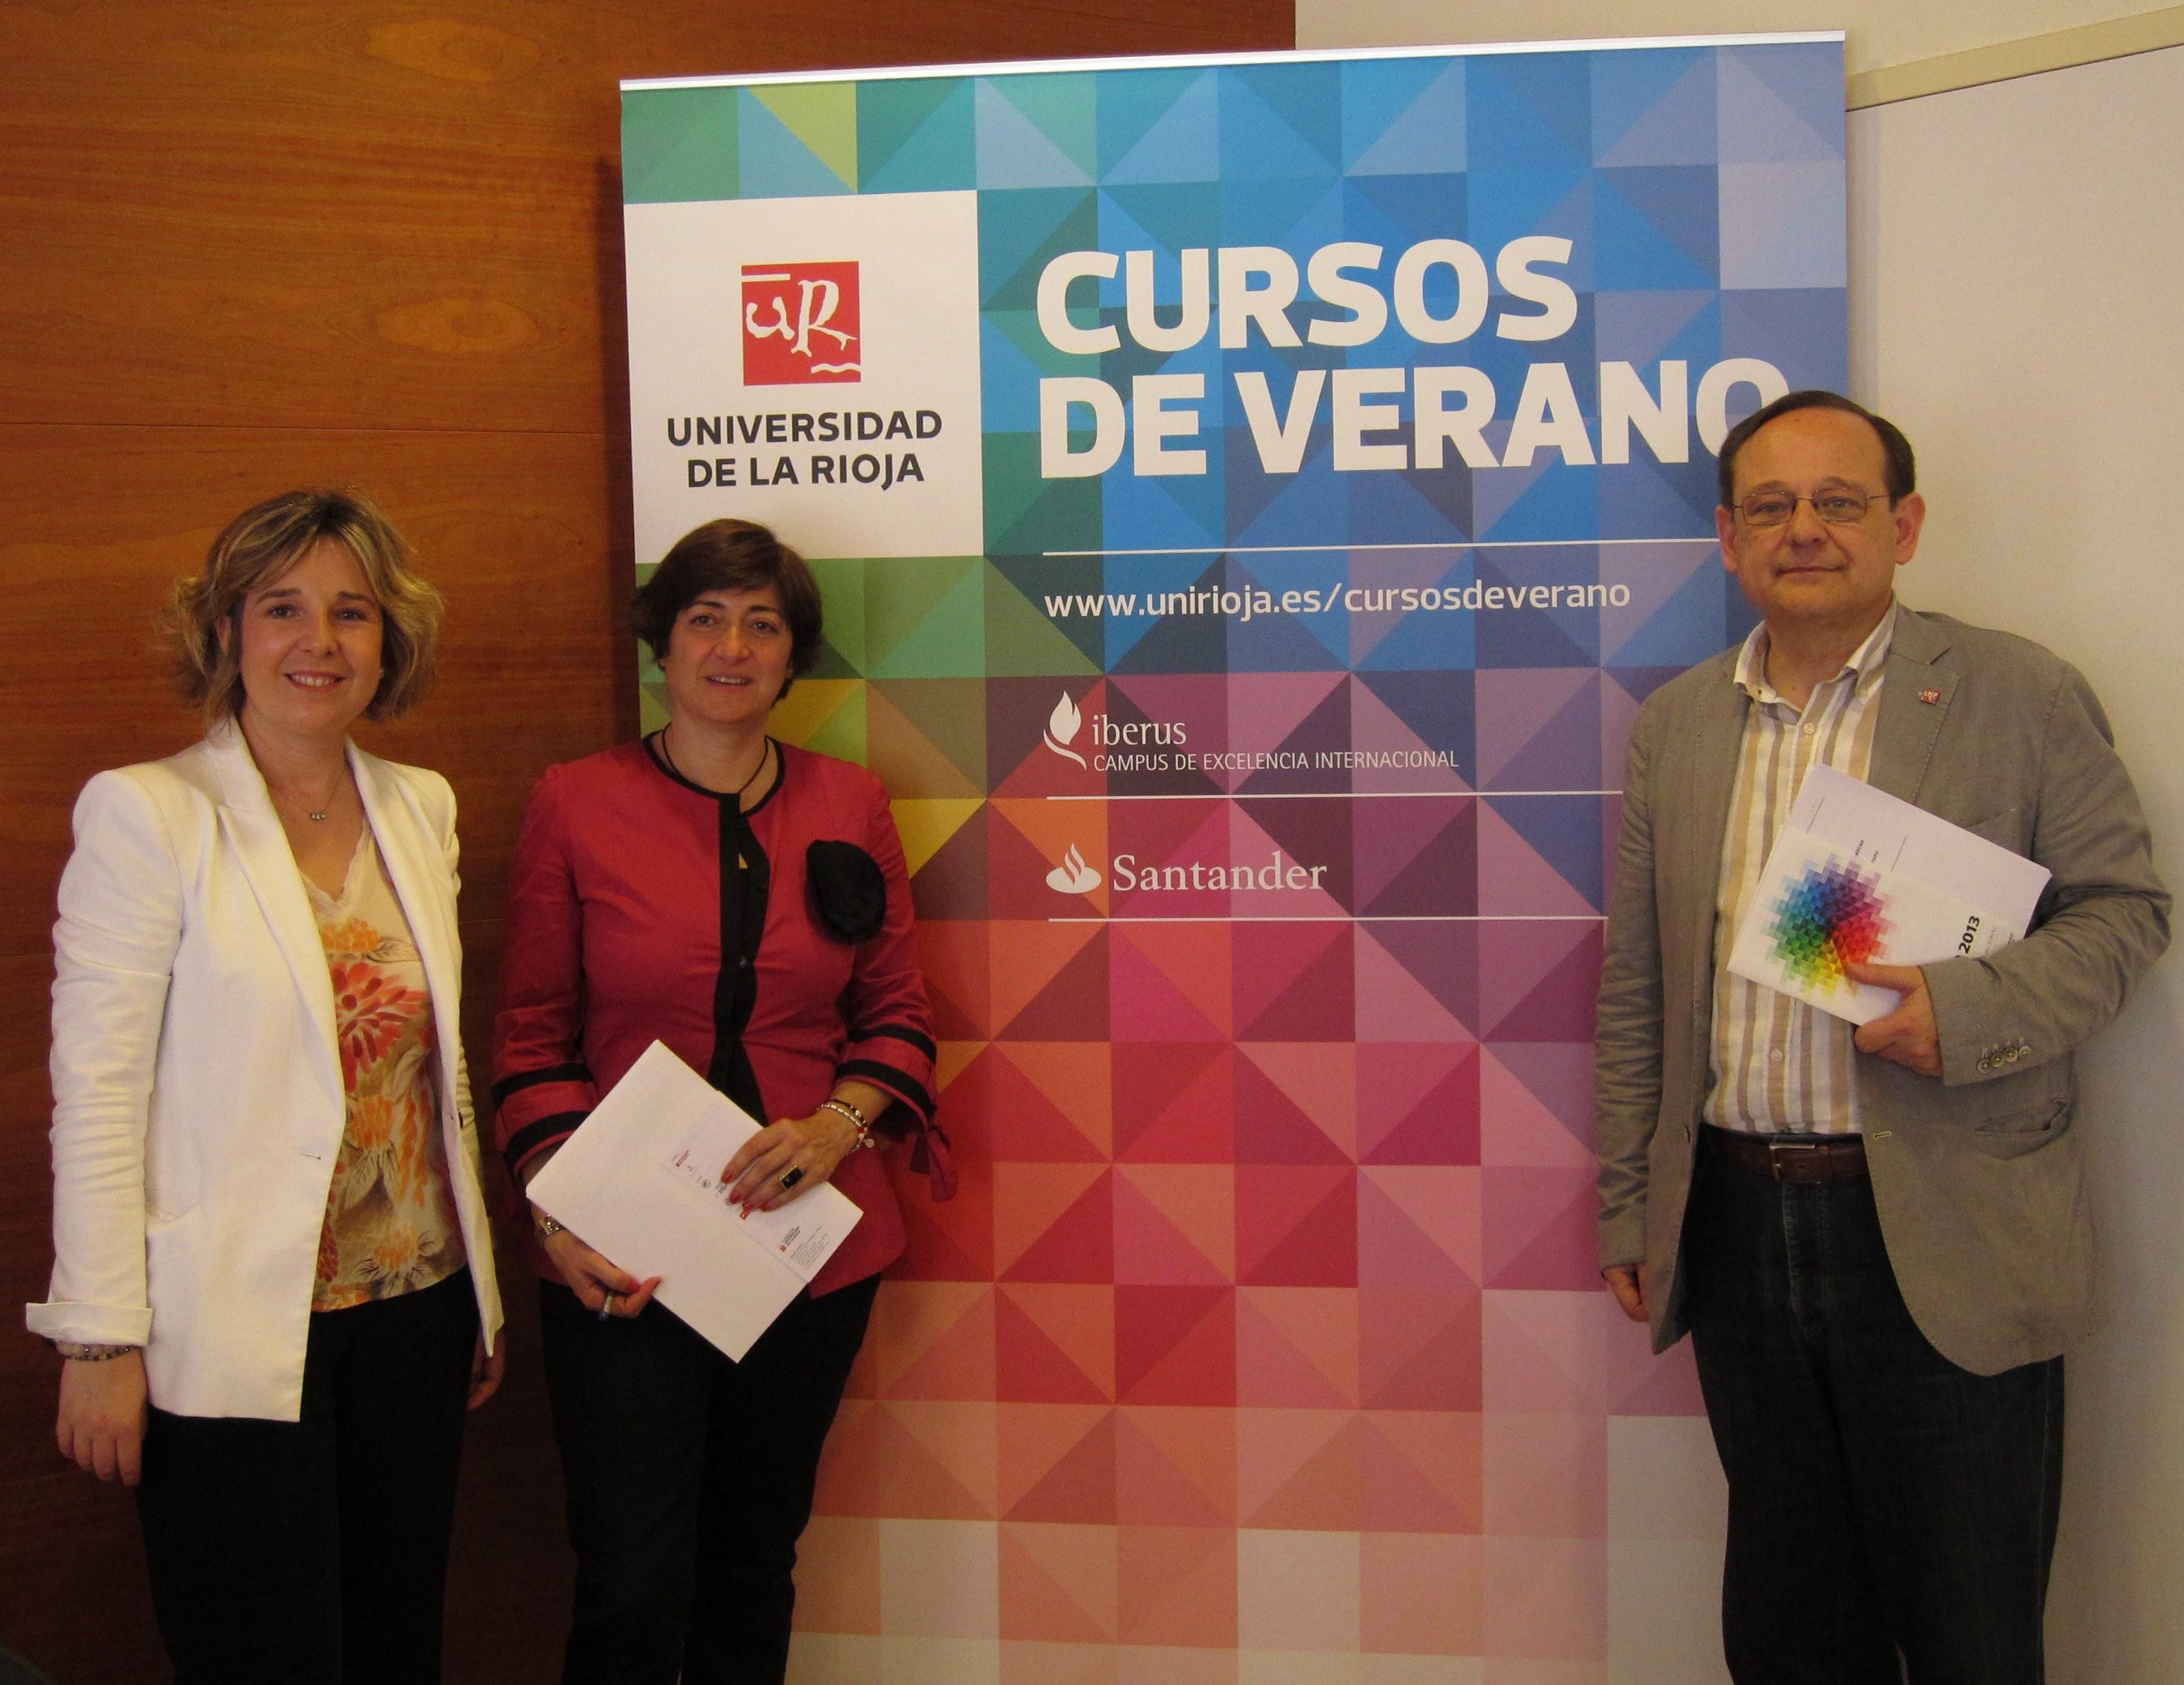 El VI Curso de Verano de la UR »Ciudad de Logroño» aborda las matemáticas y su relación con los medios de comunicación